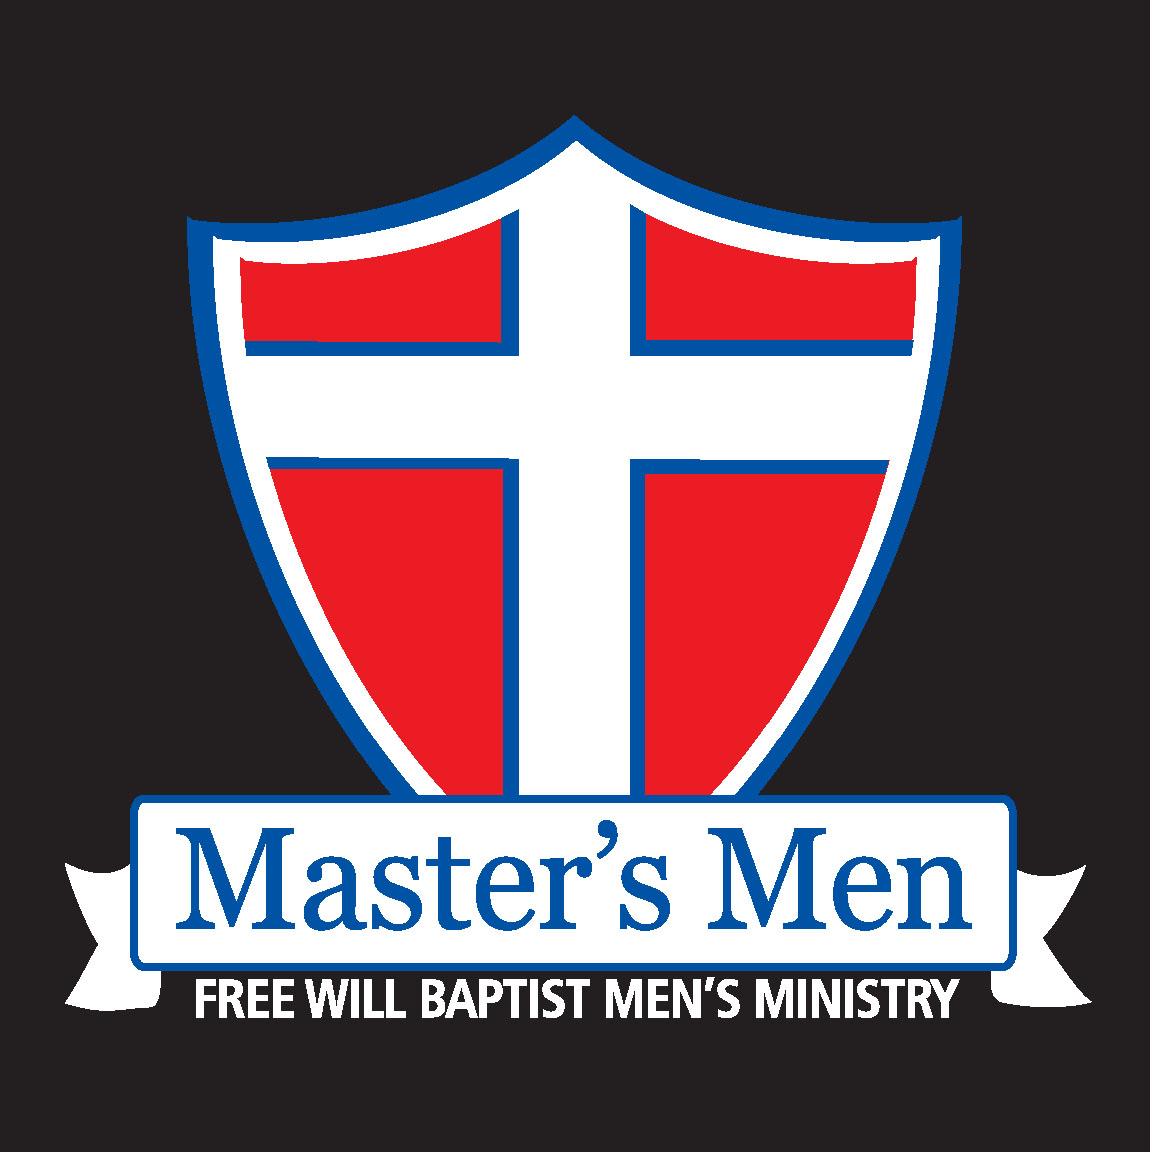 MASTERS MEN.jpg